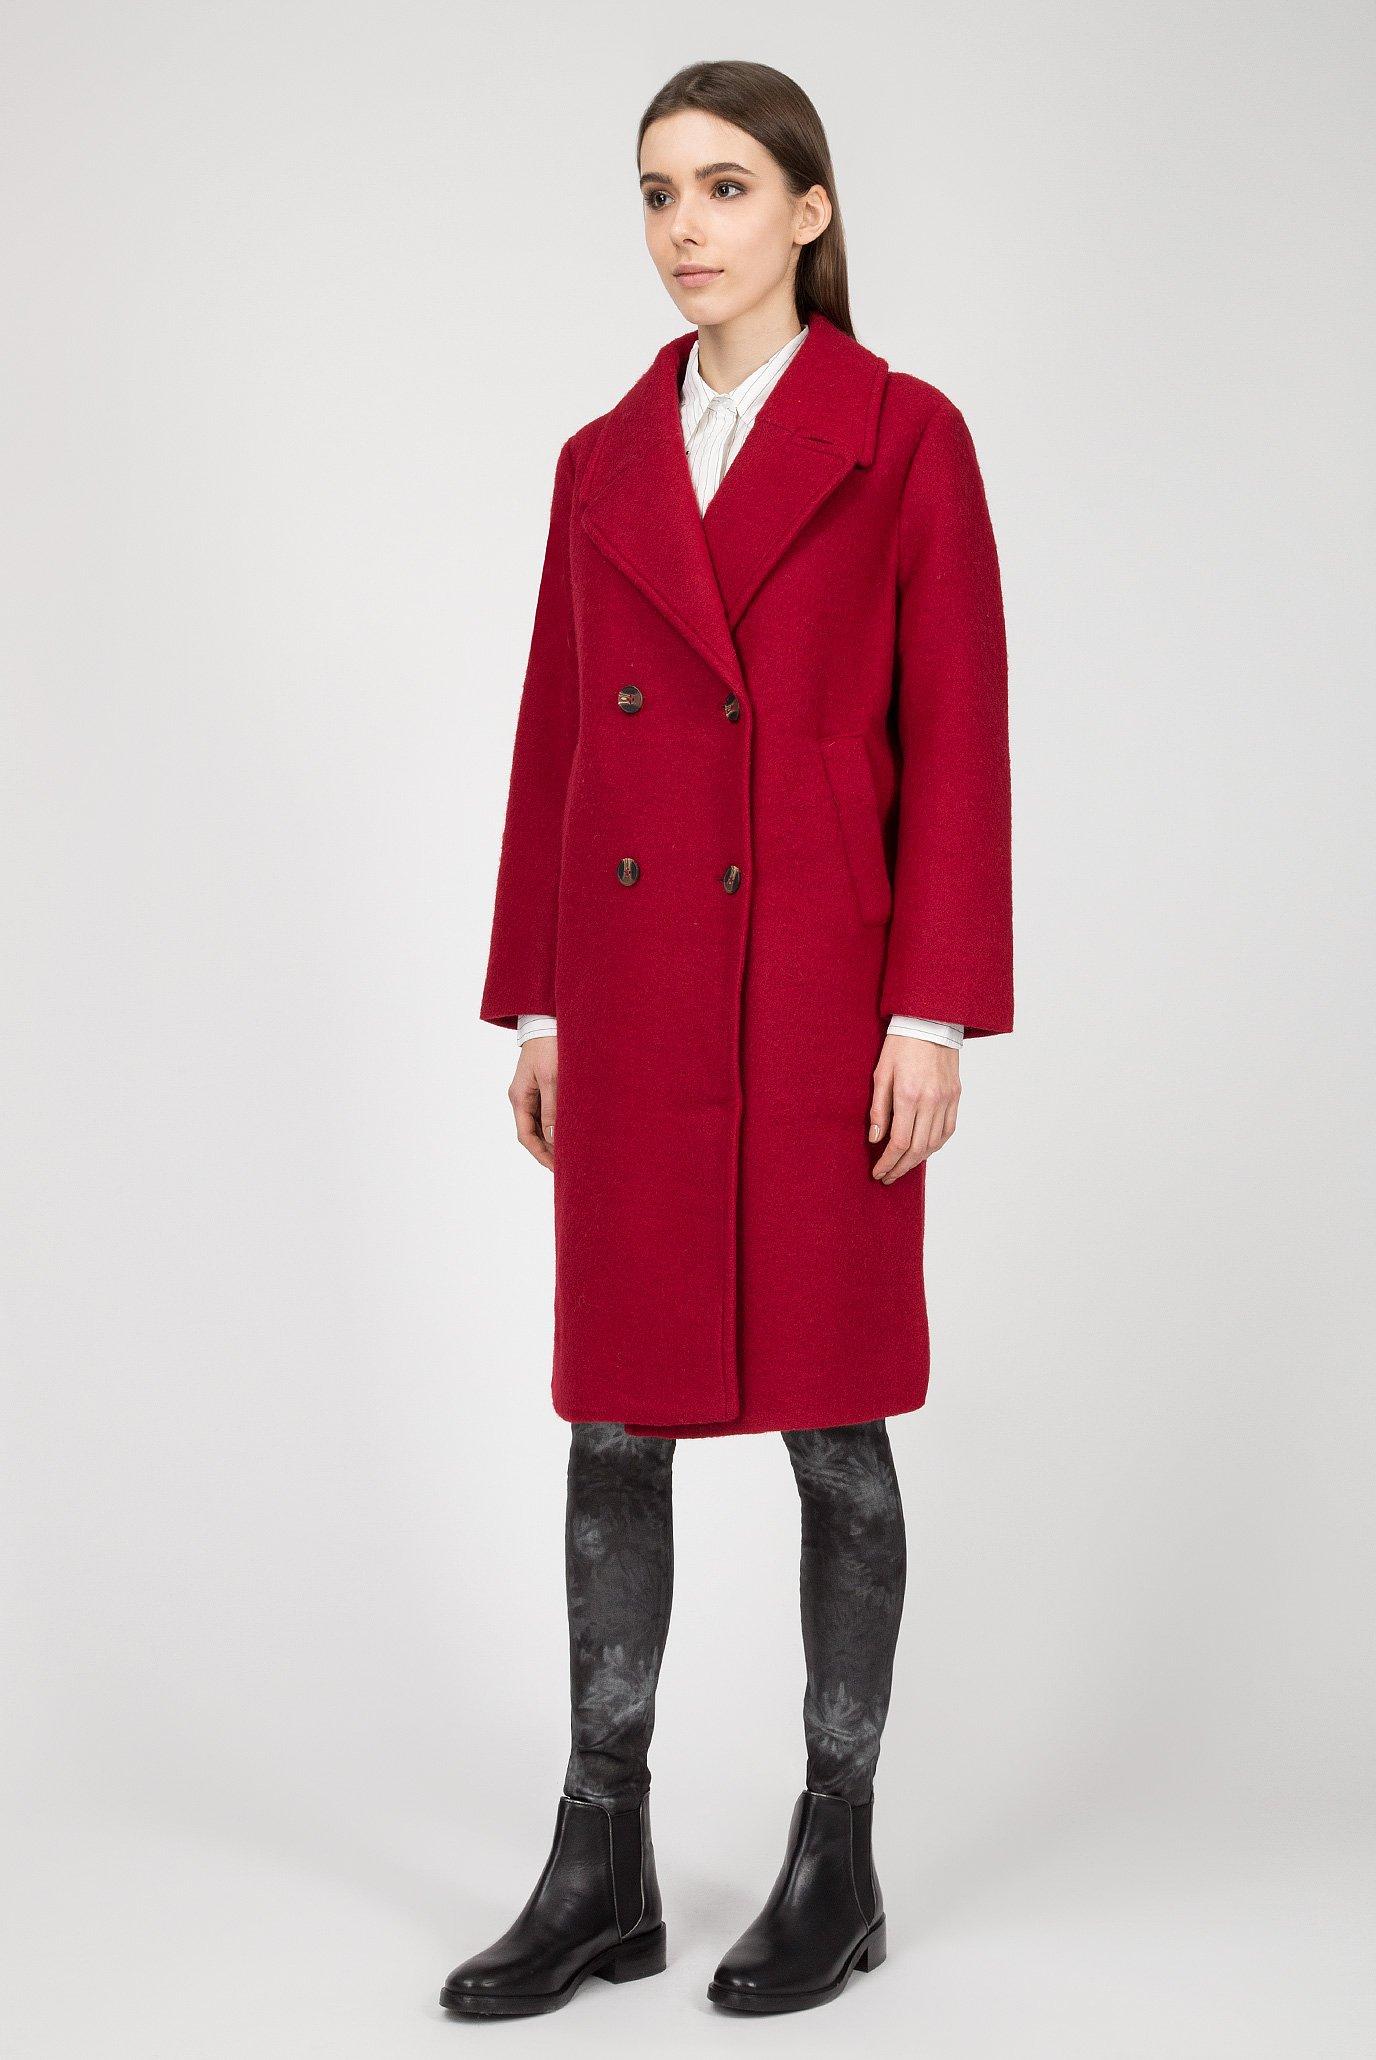 Купить Женское красное пальто EDURNE Pepe Jeans Pepe Jeans PL401528 – Киев, Украина. Цены в интернет магазине MD Fashion